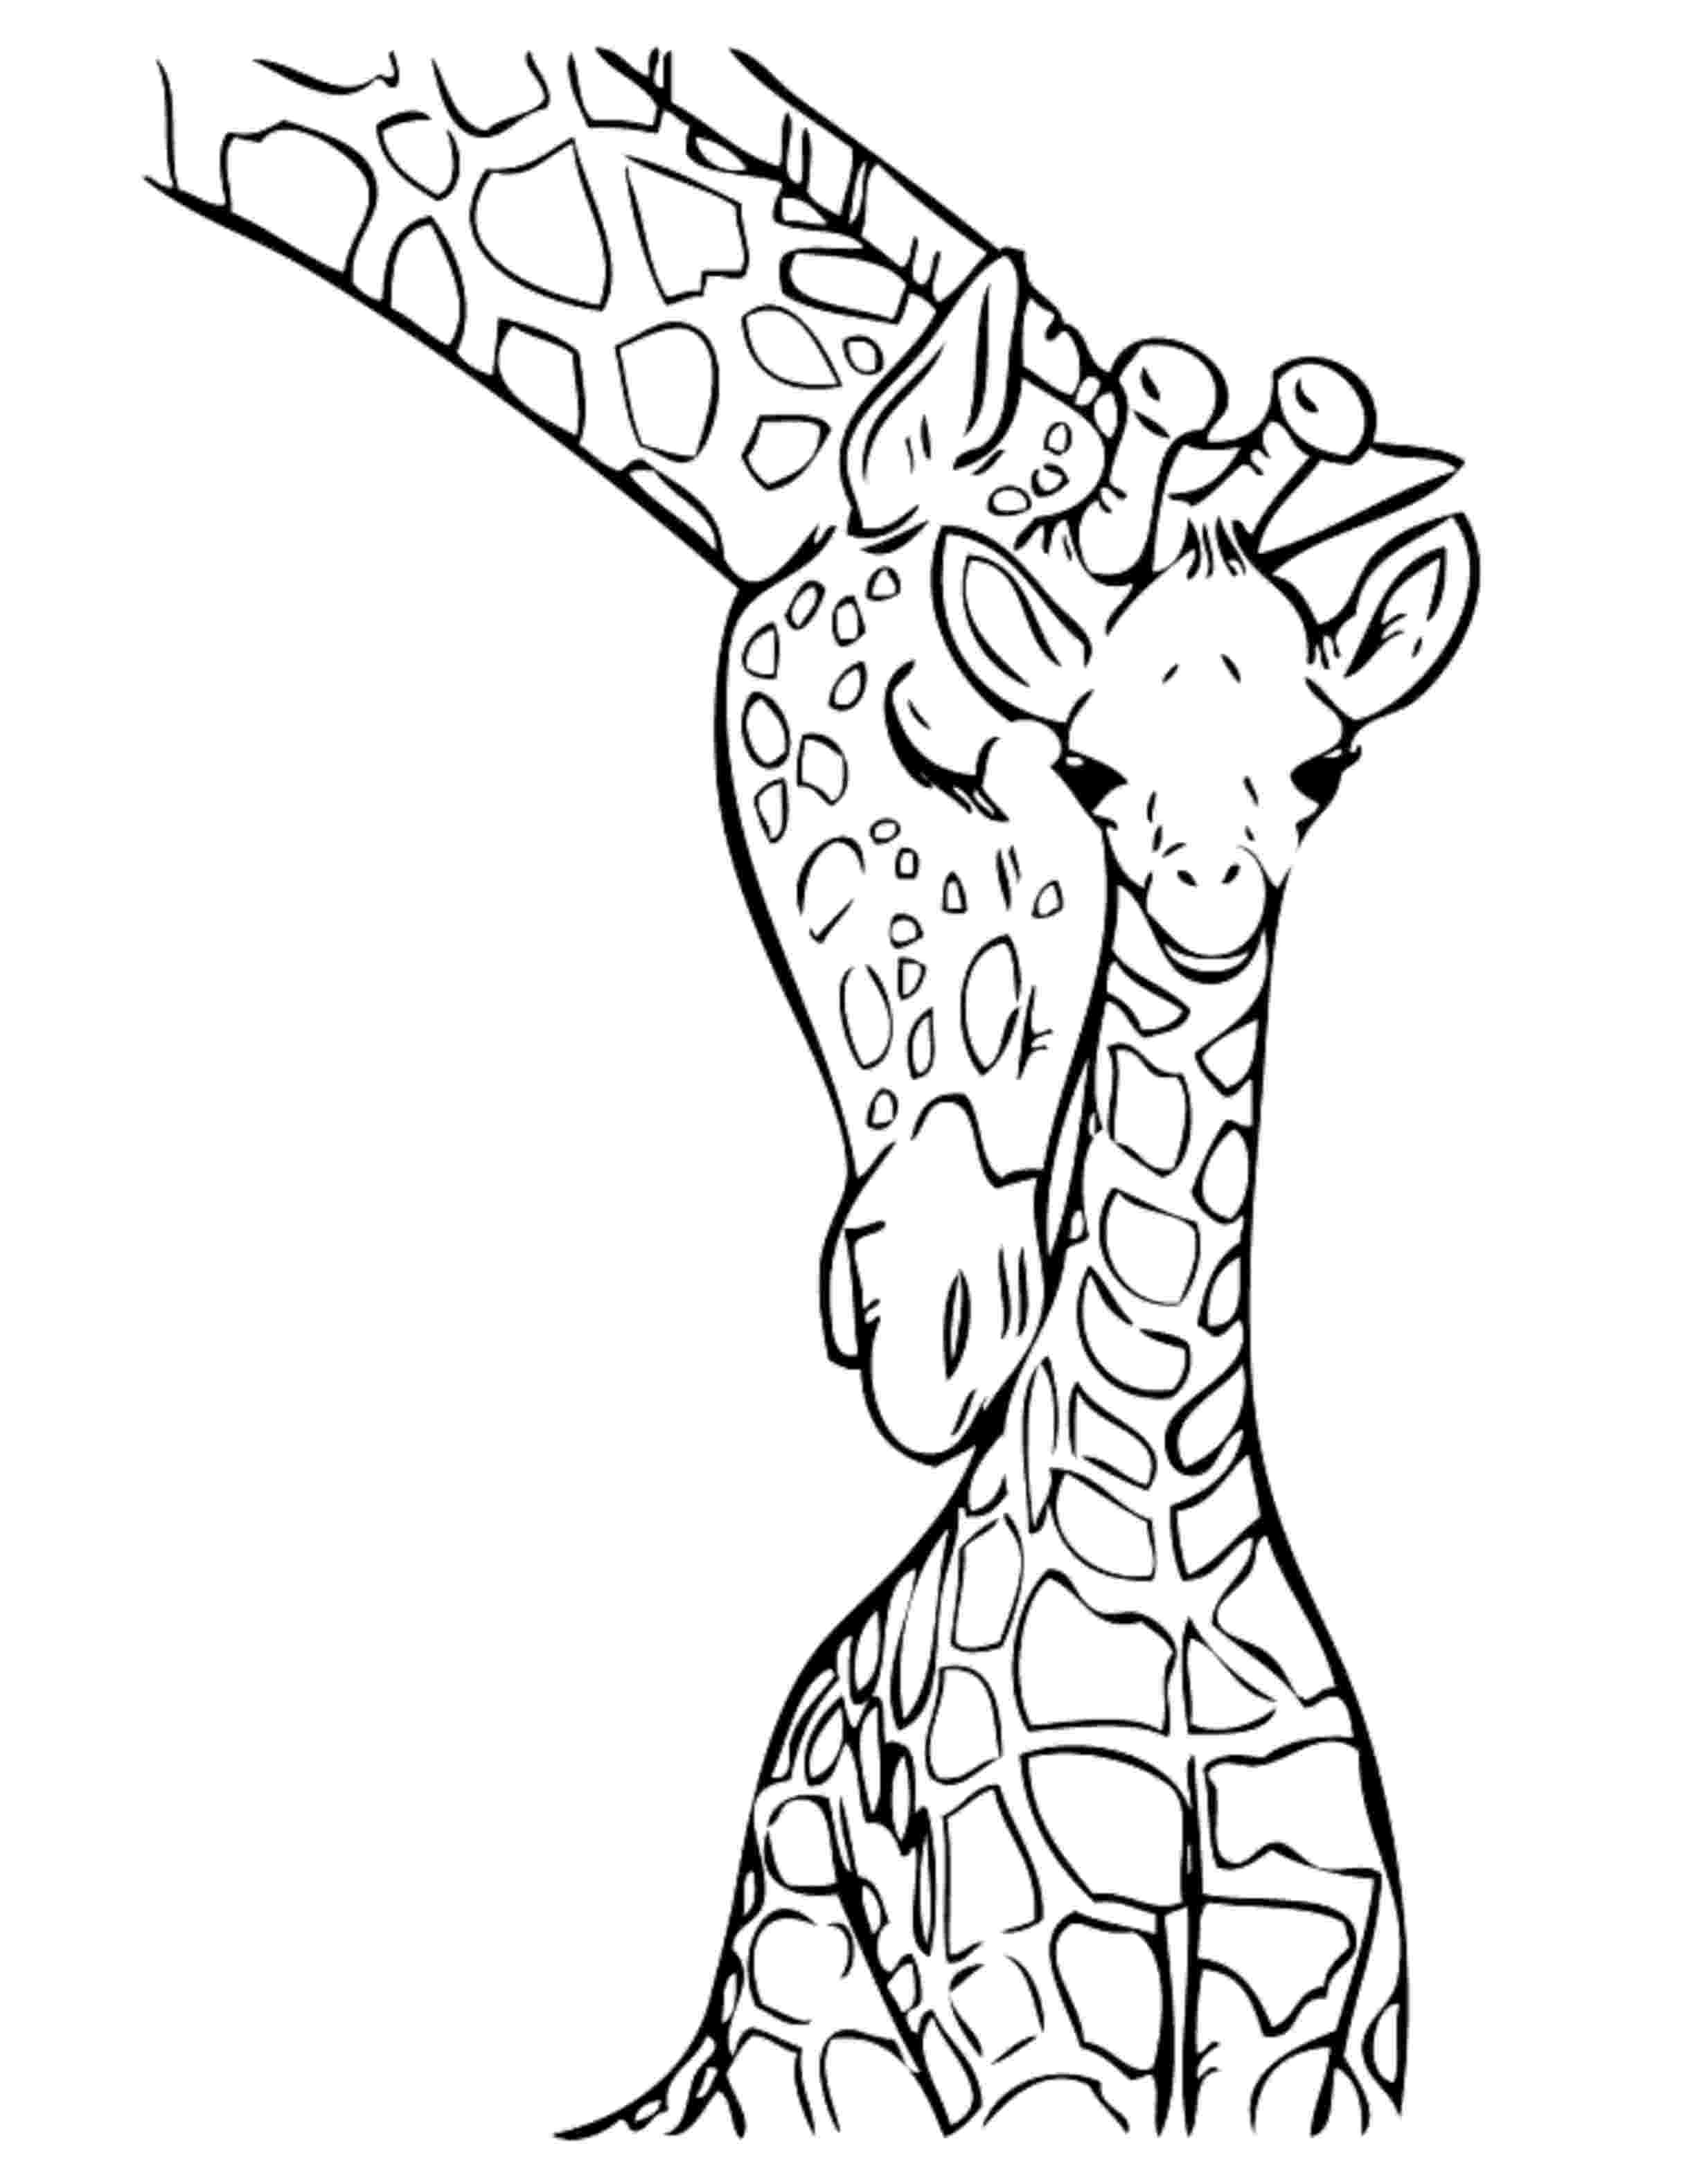 giraffe colouring picture giraffe coloring pages bestappsforkidscom colouring picture giraffe